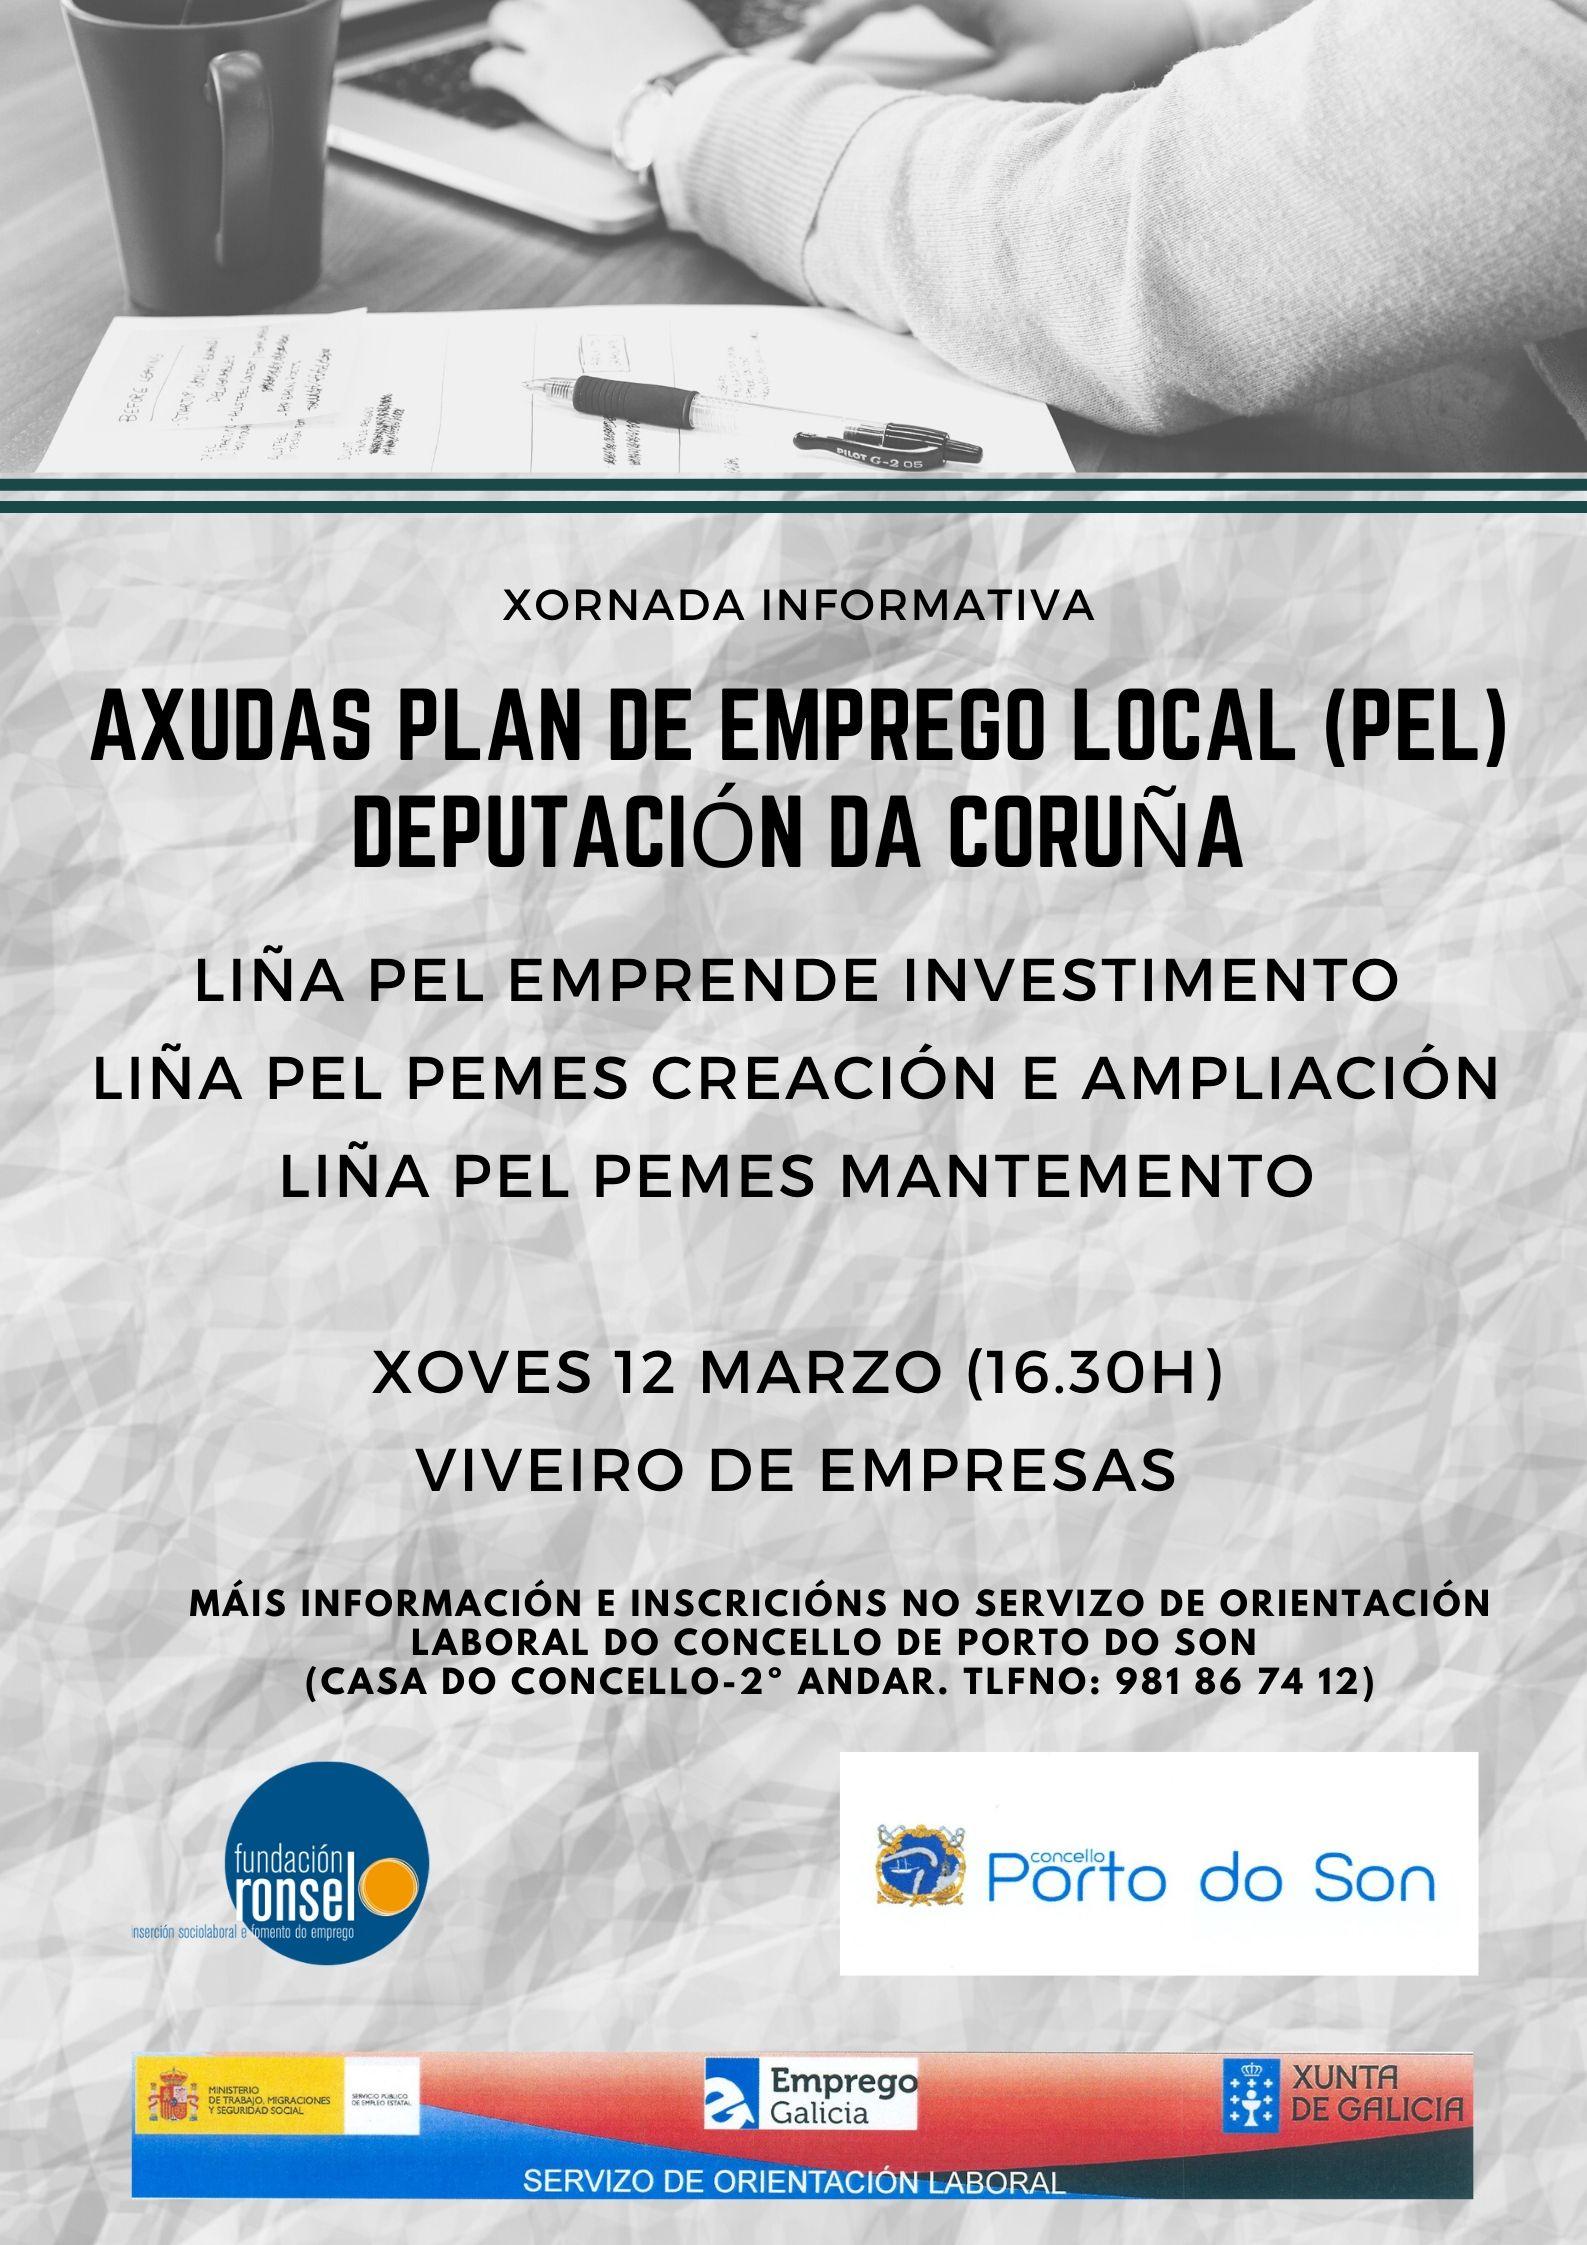 cartel xornada informativa PEL 2020